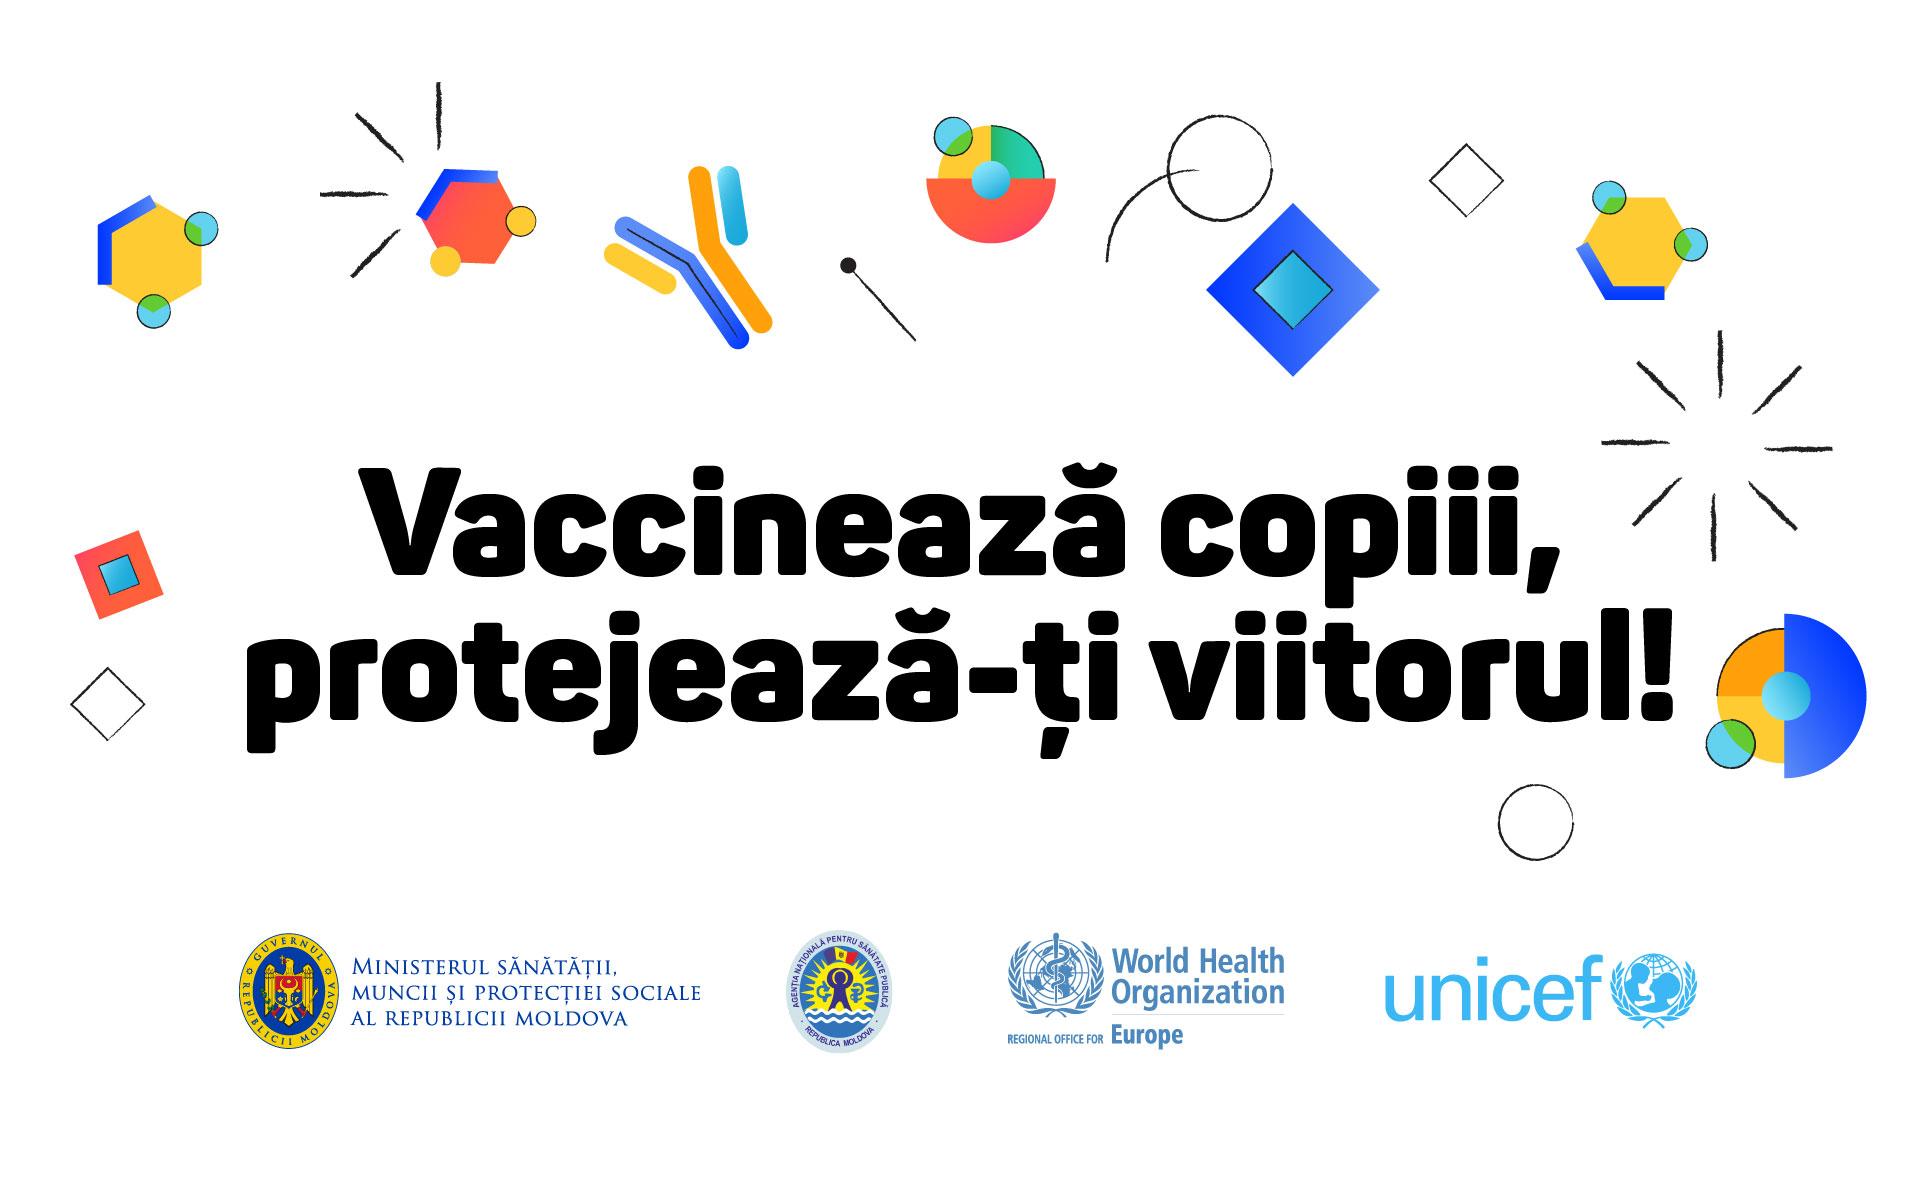 Vaccinează copiii, protejează-ți viitorul!